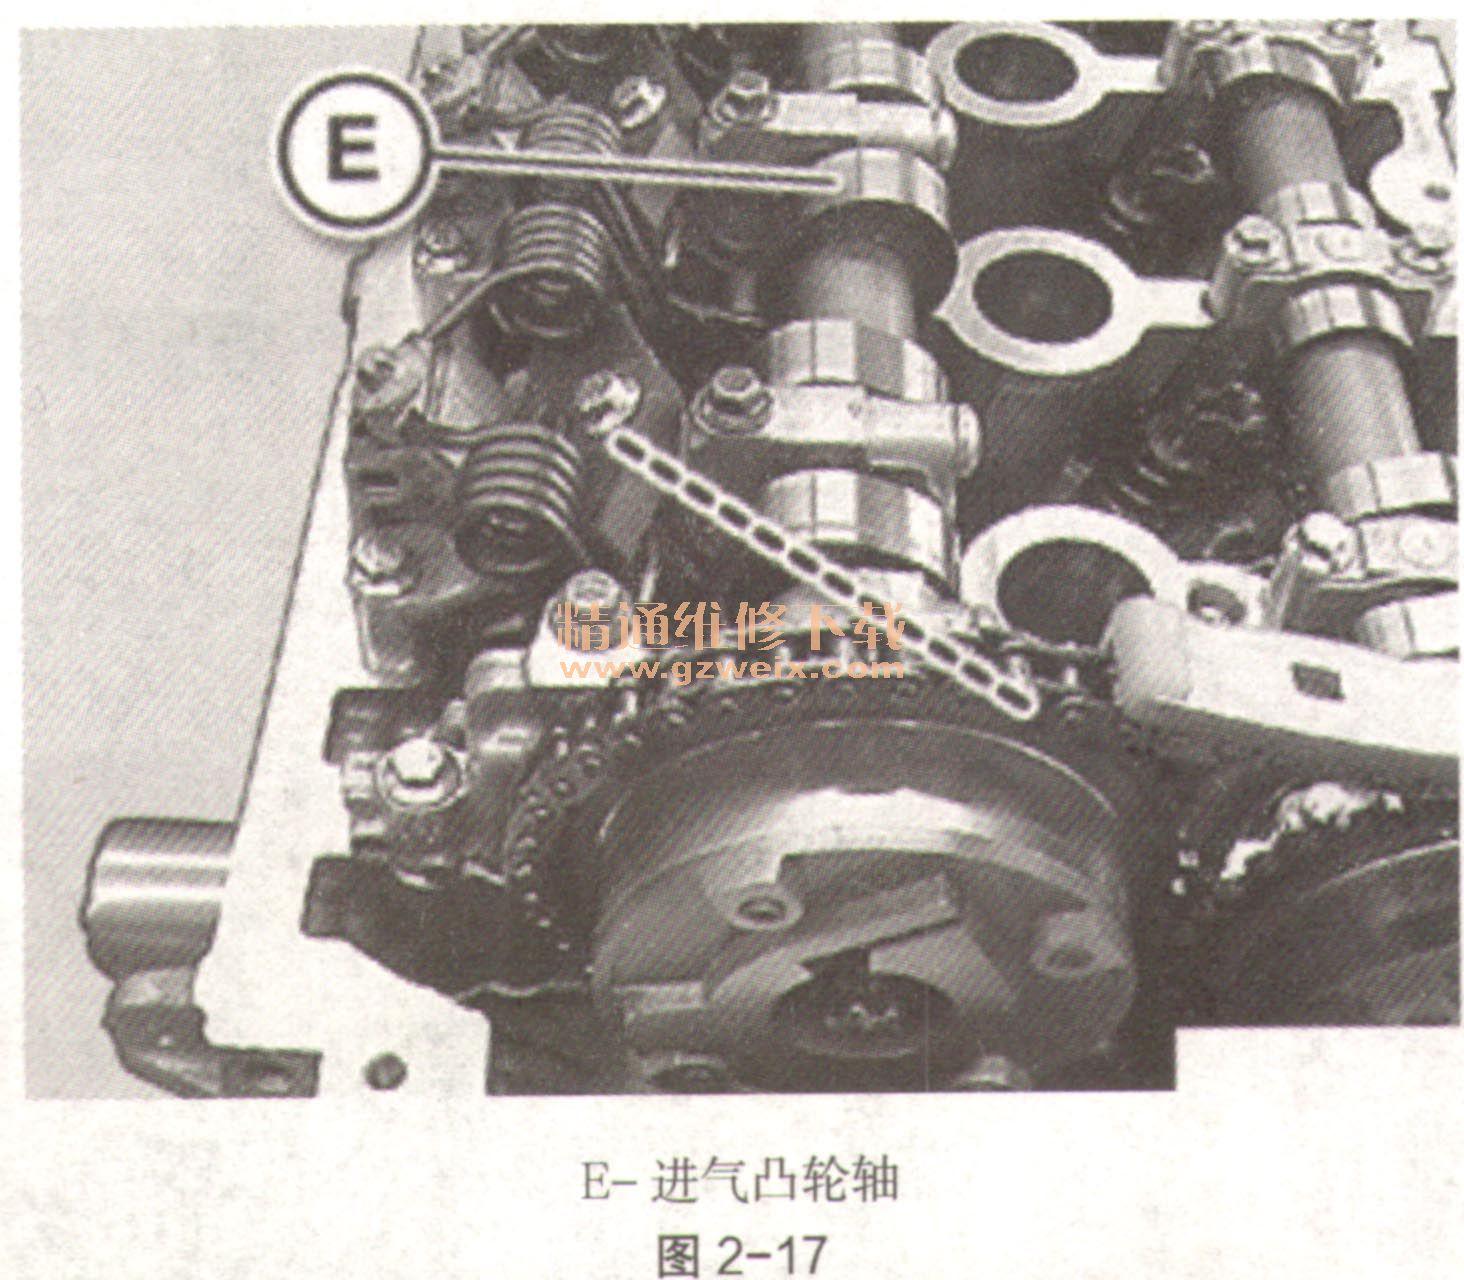 2011~2018年宝马118i(f20)(1.6l n13b16m0)发动机正时校对方法